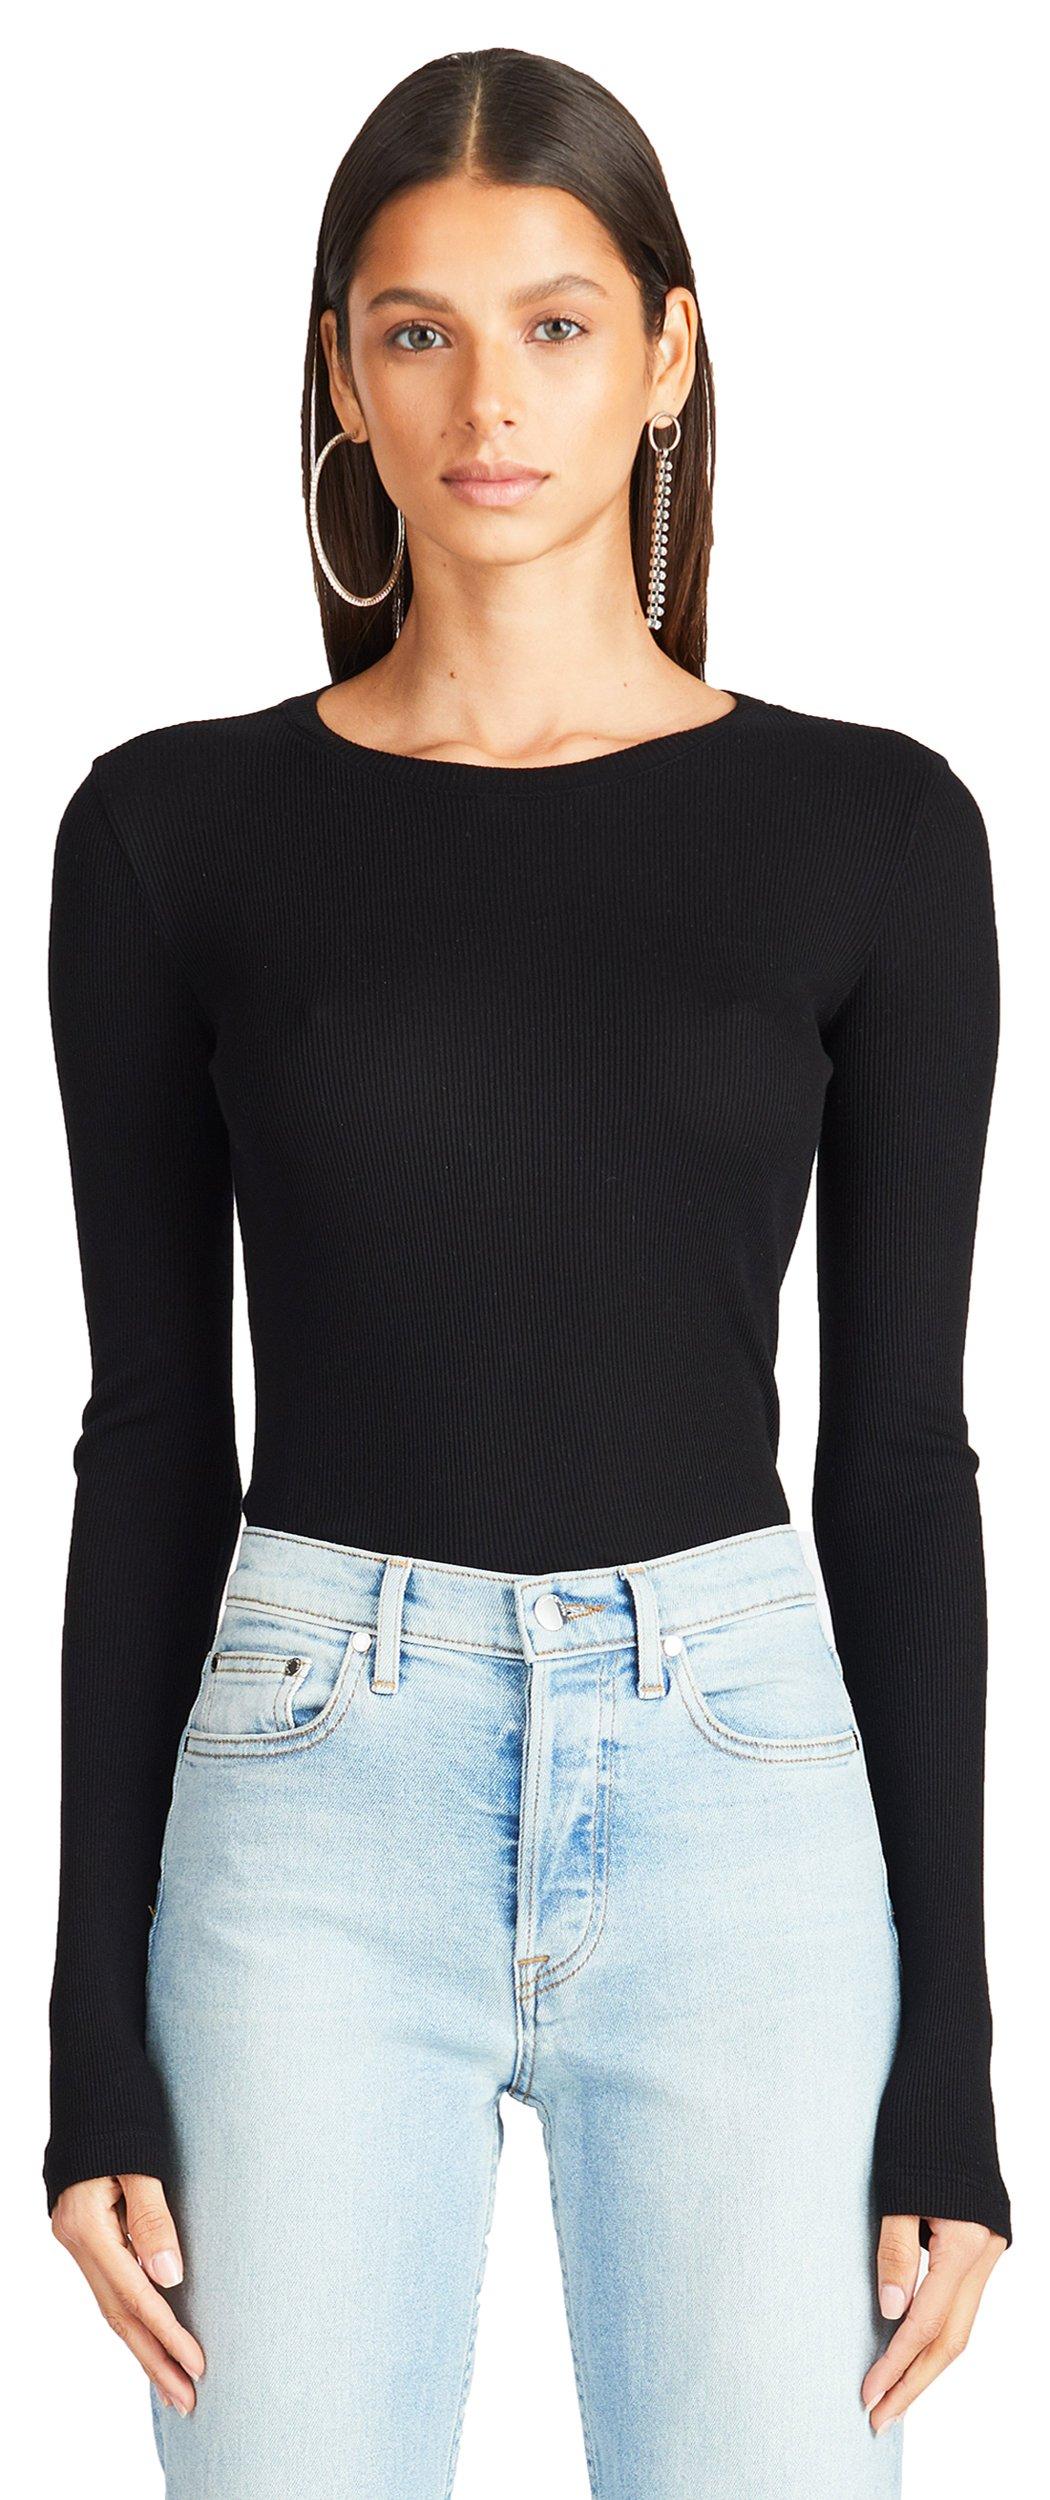 Cotton Citizen Venice Shirt In Jet Black, XS